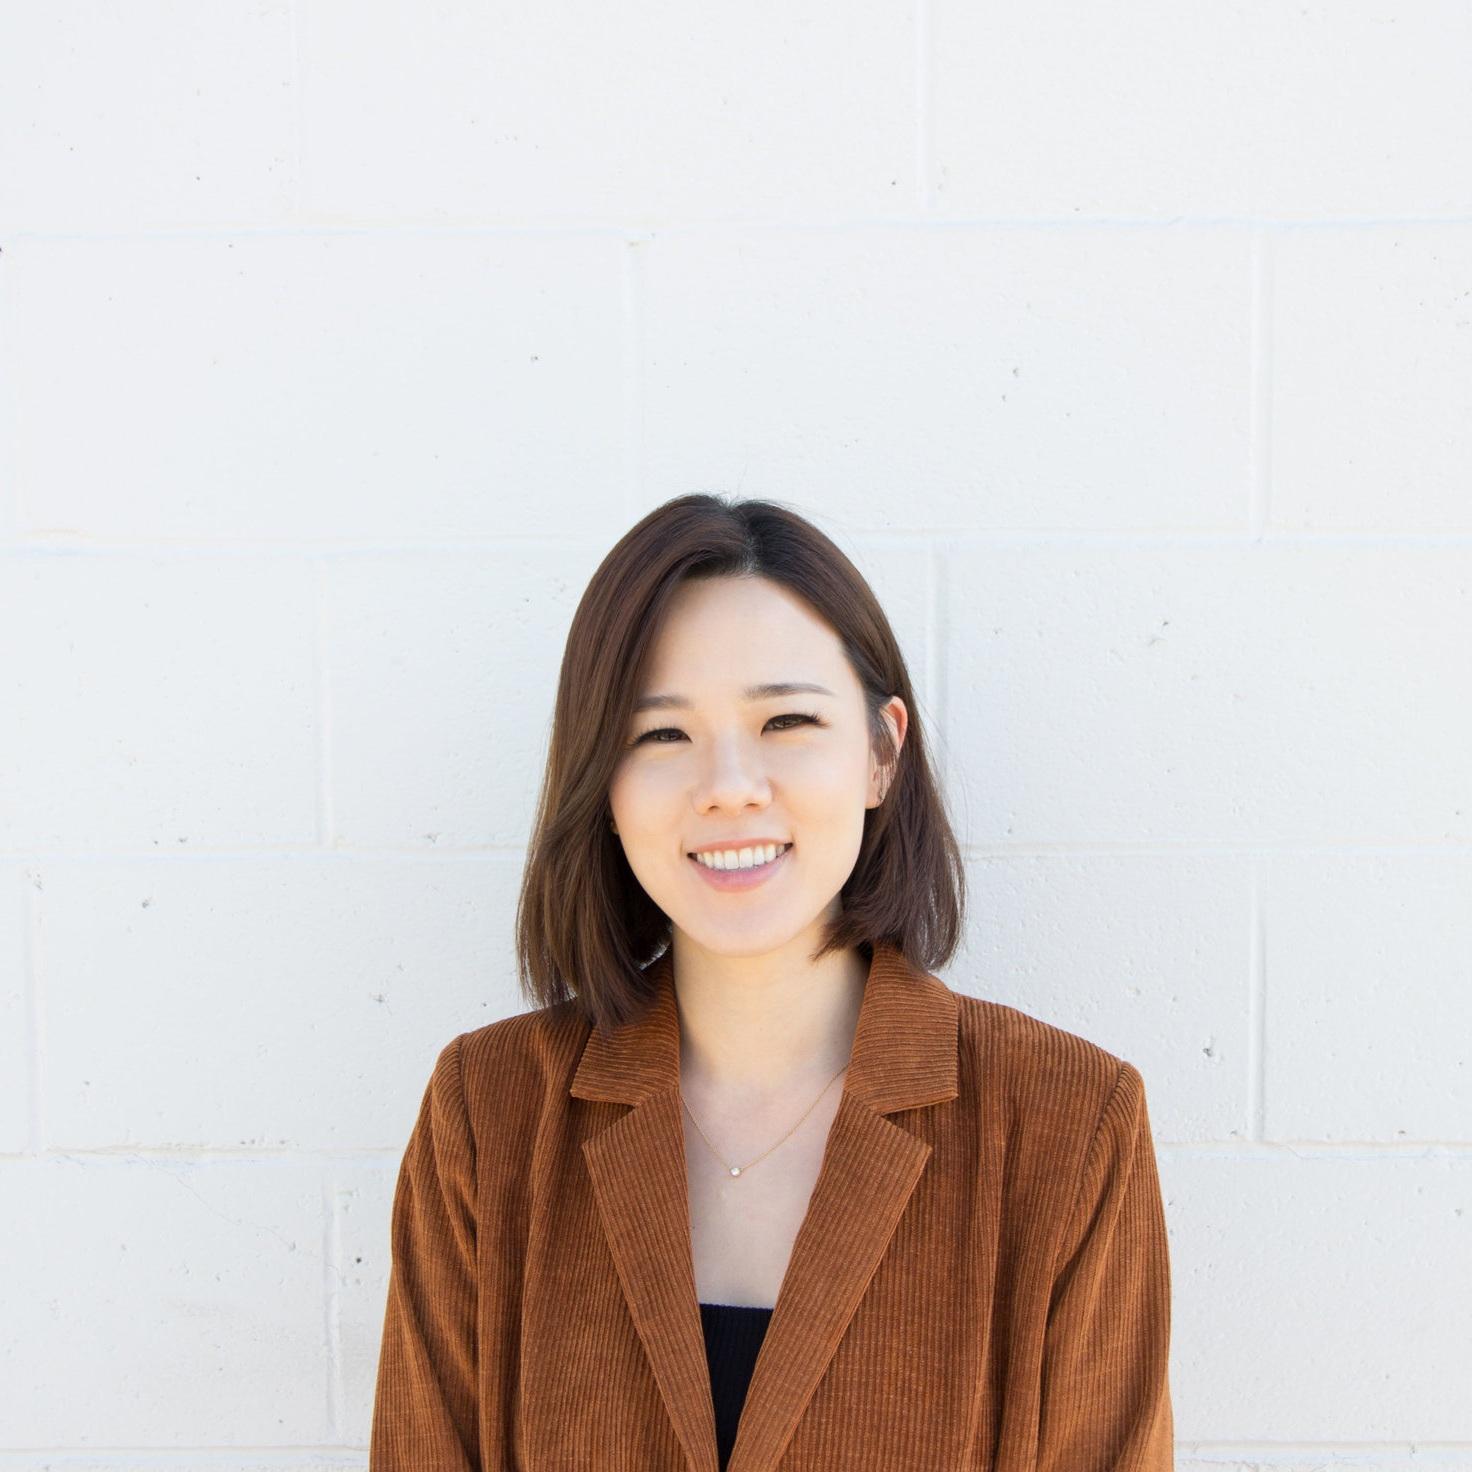 Danielle - Fellowship